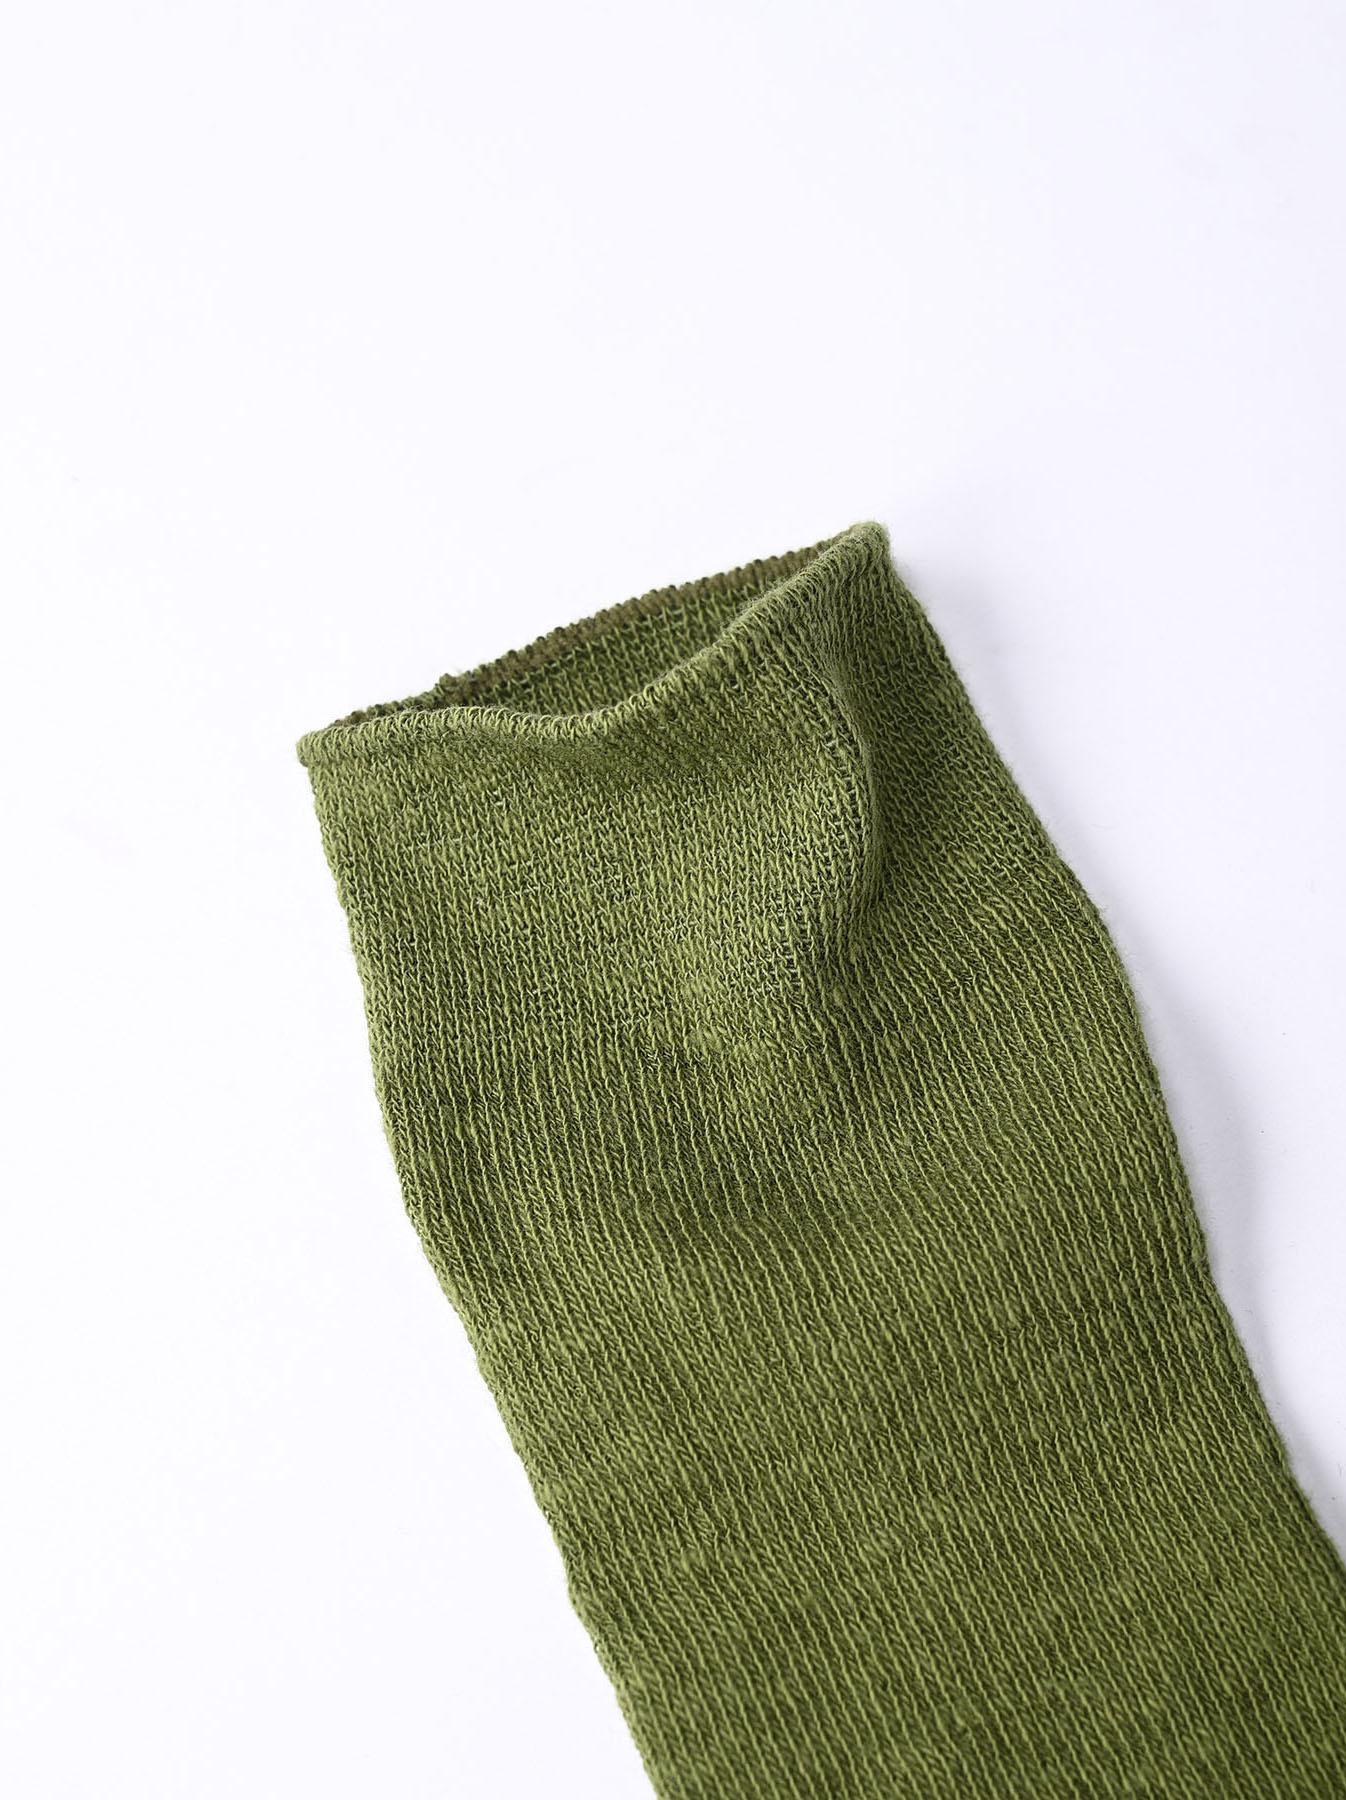 Piece-dyed 45 Star Socks-8